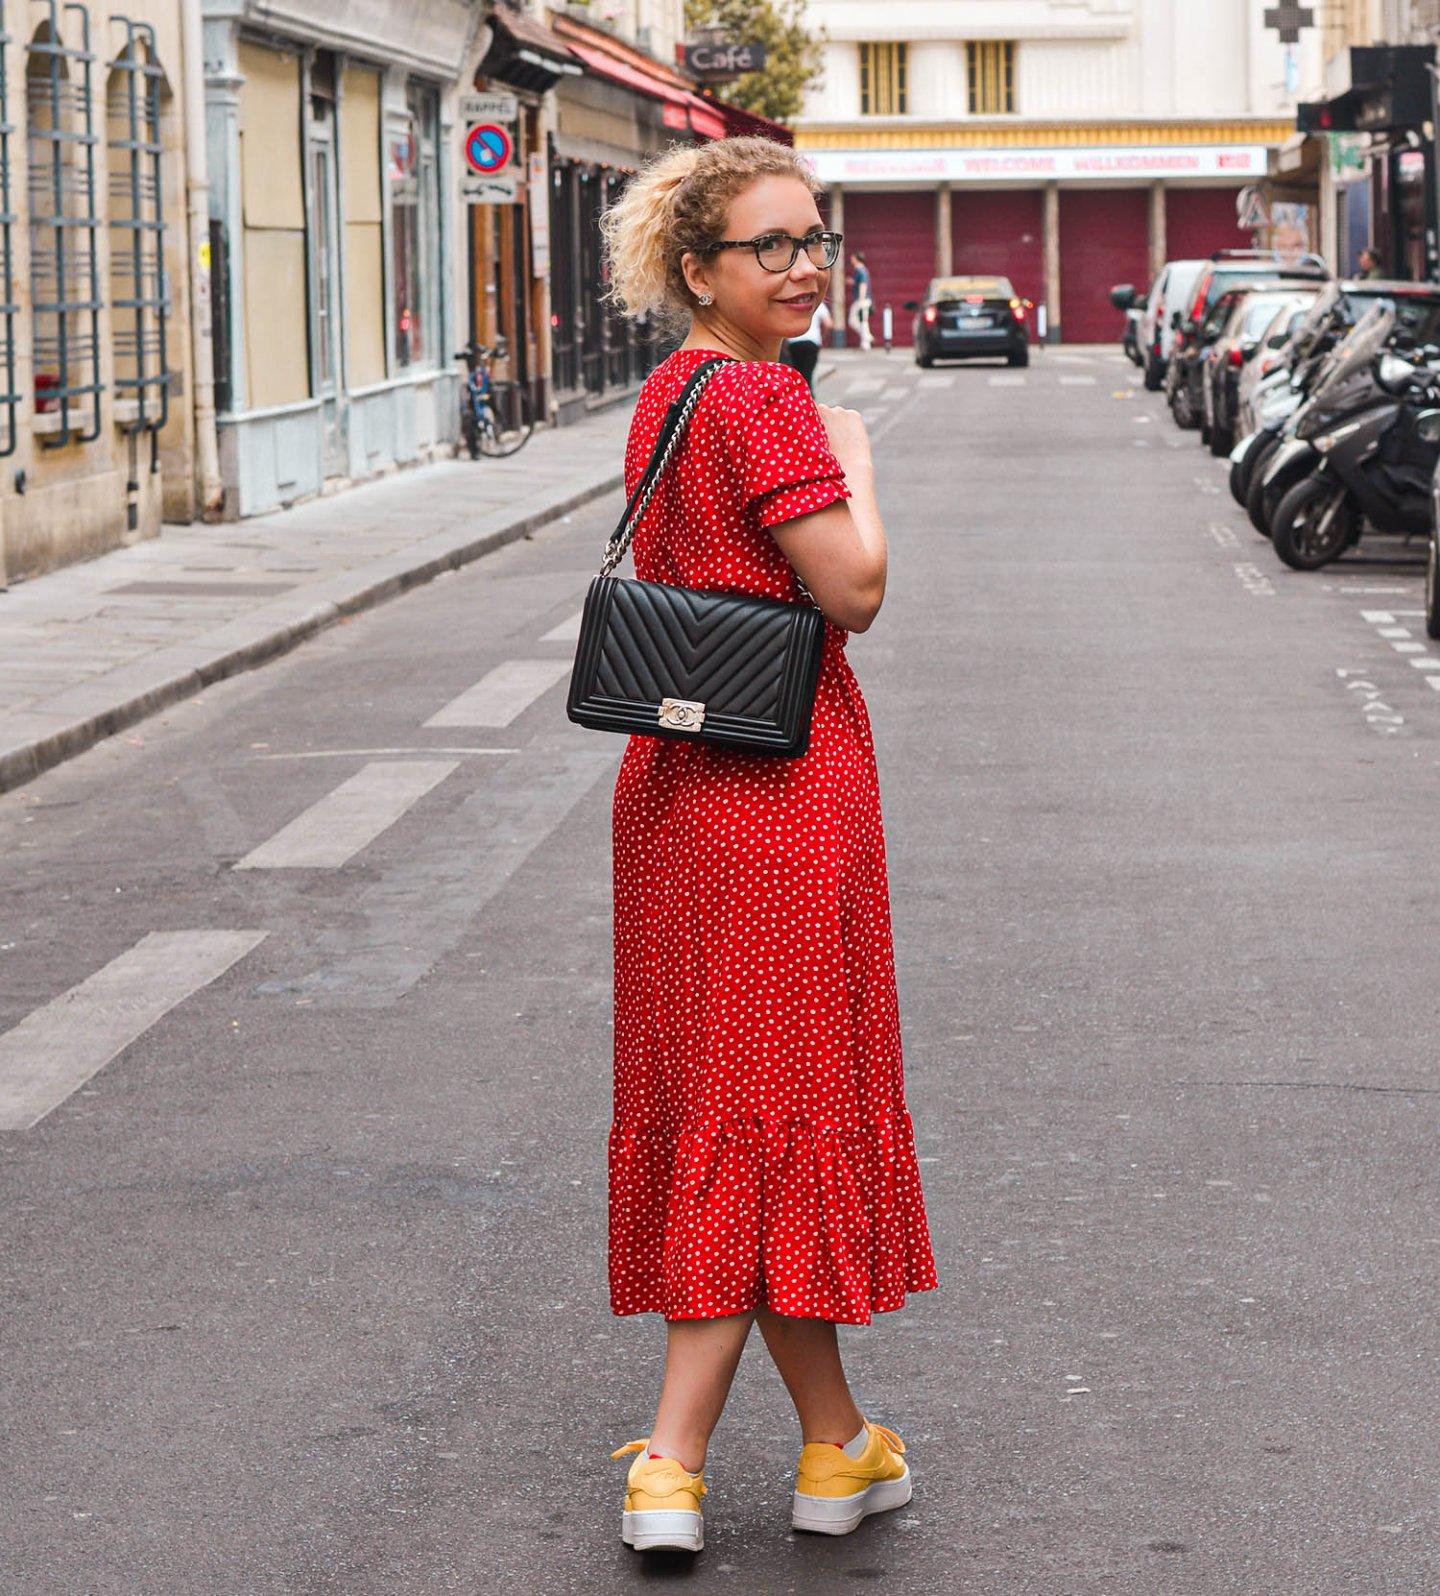 Spaziergang in paris mit rotem Kleid und Chanel Tasche